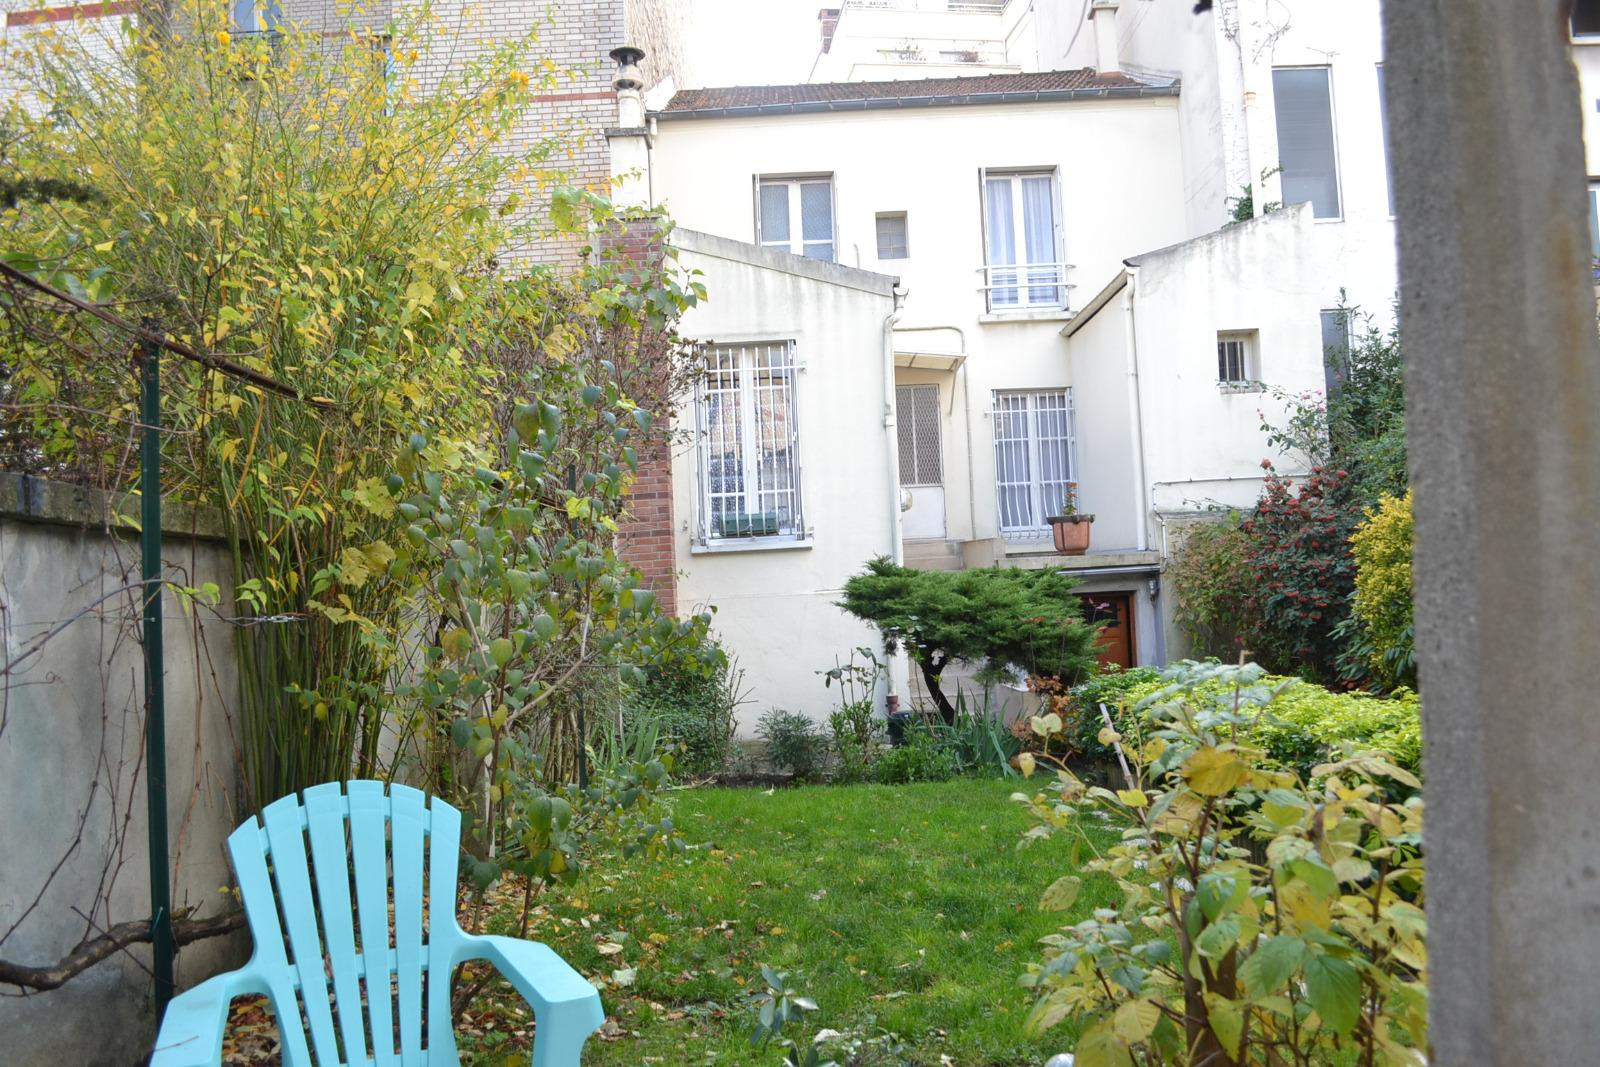 Immobiliere A Montreuil Achat Appartement Et Maison